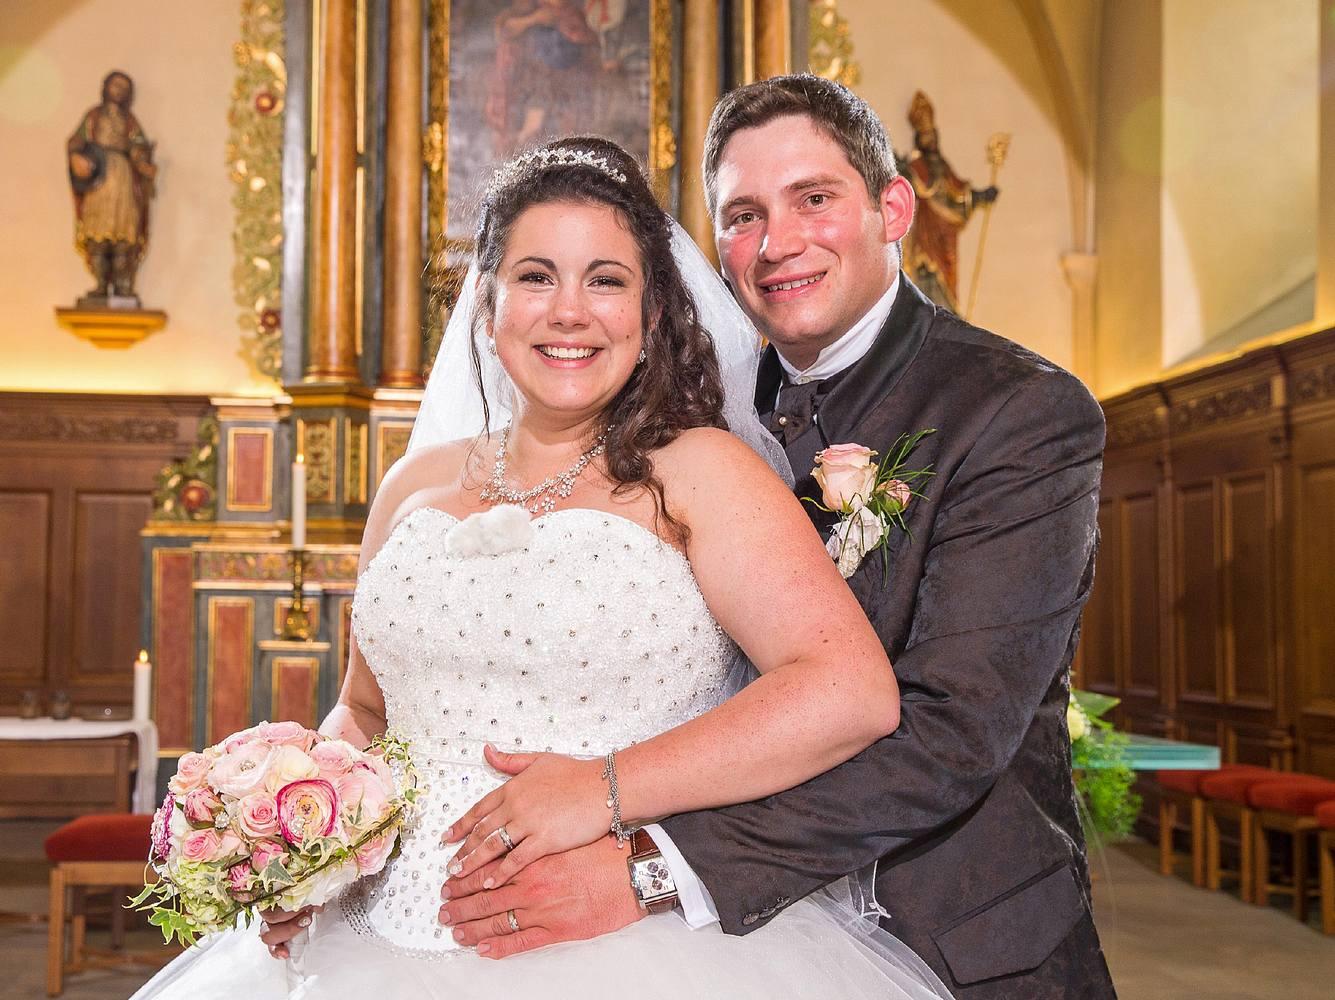 Das 'Bauer sucht Frau'-Paar Guy und Victoria heiratete 2015.